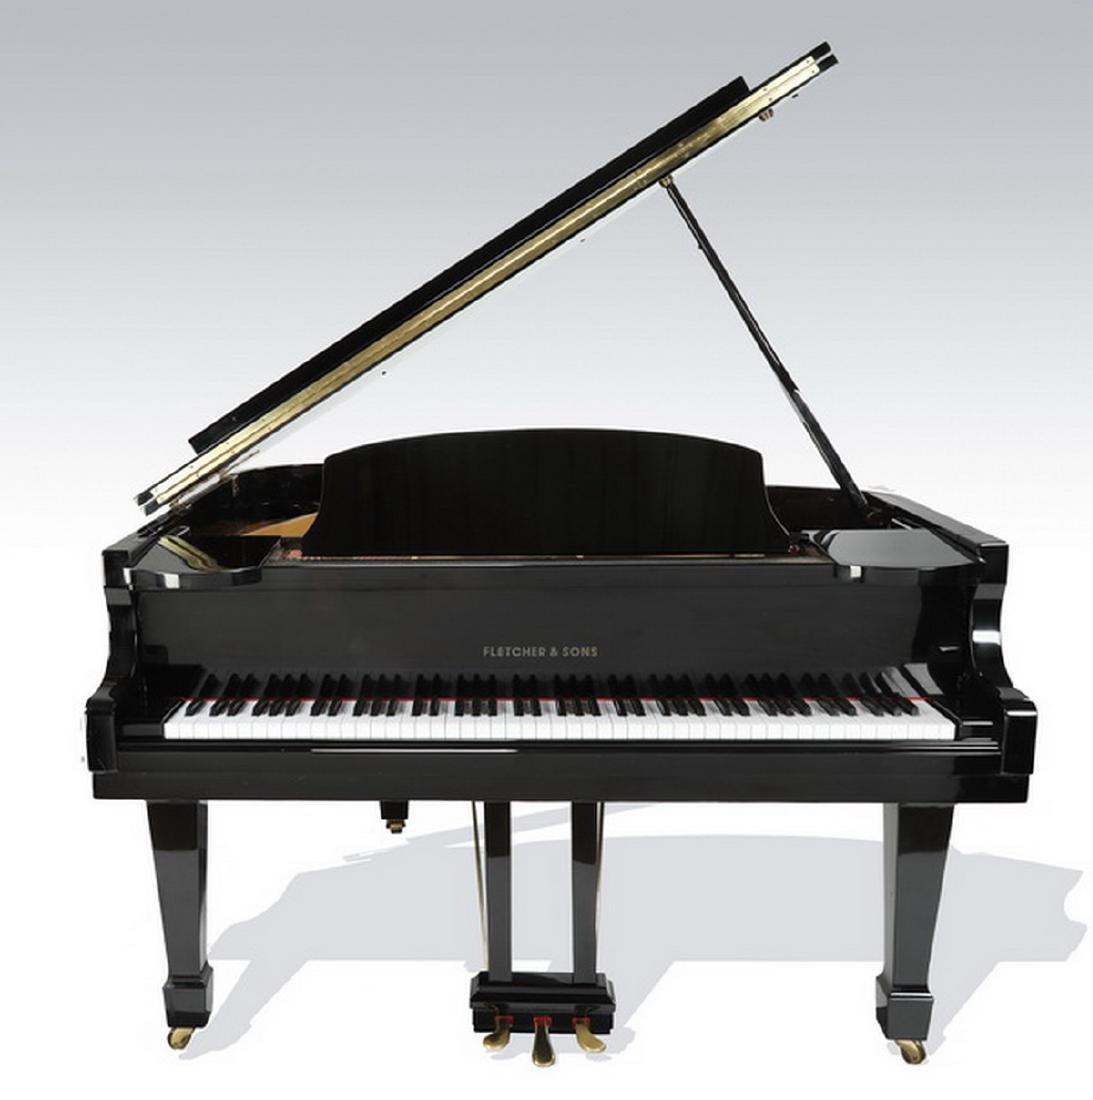 Fletcher & Sons baby grand piano w/ ebony finish - 3